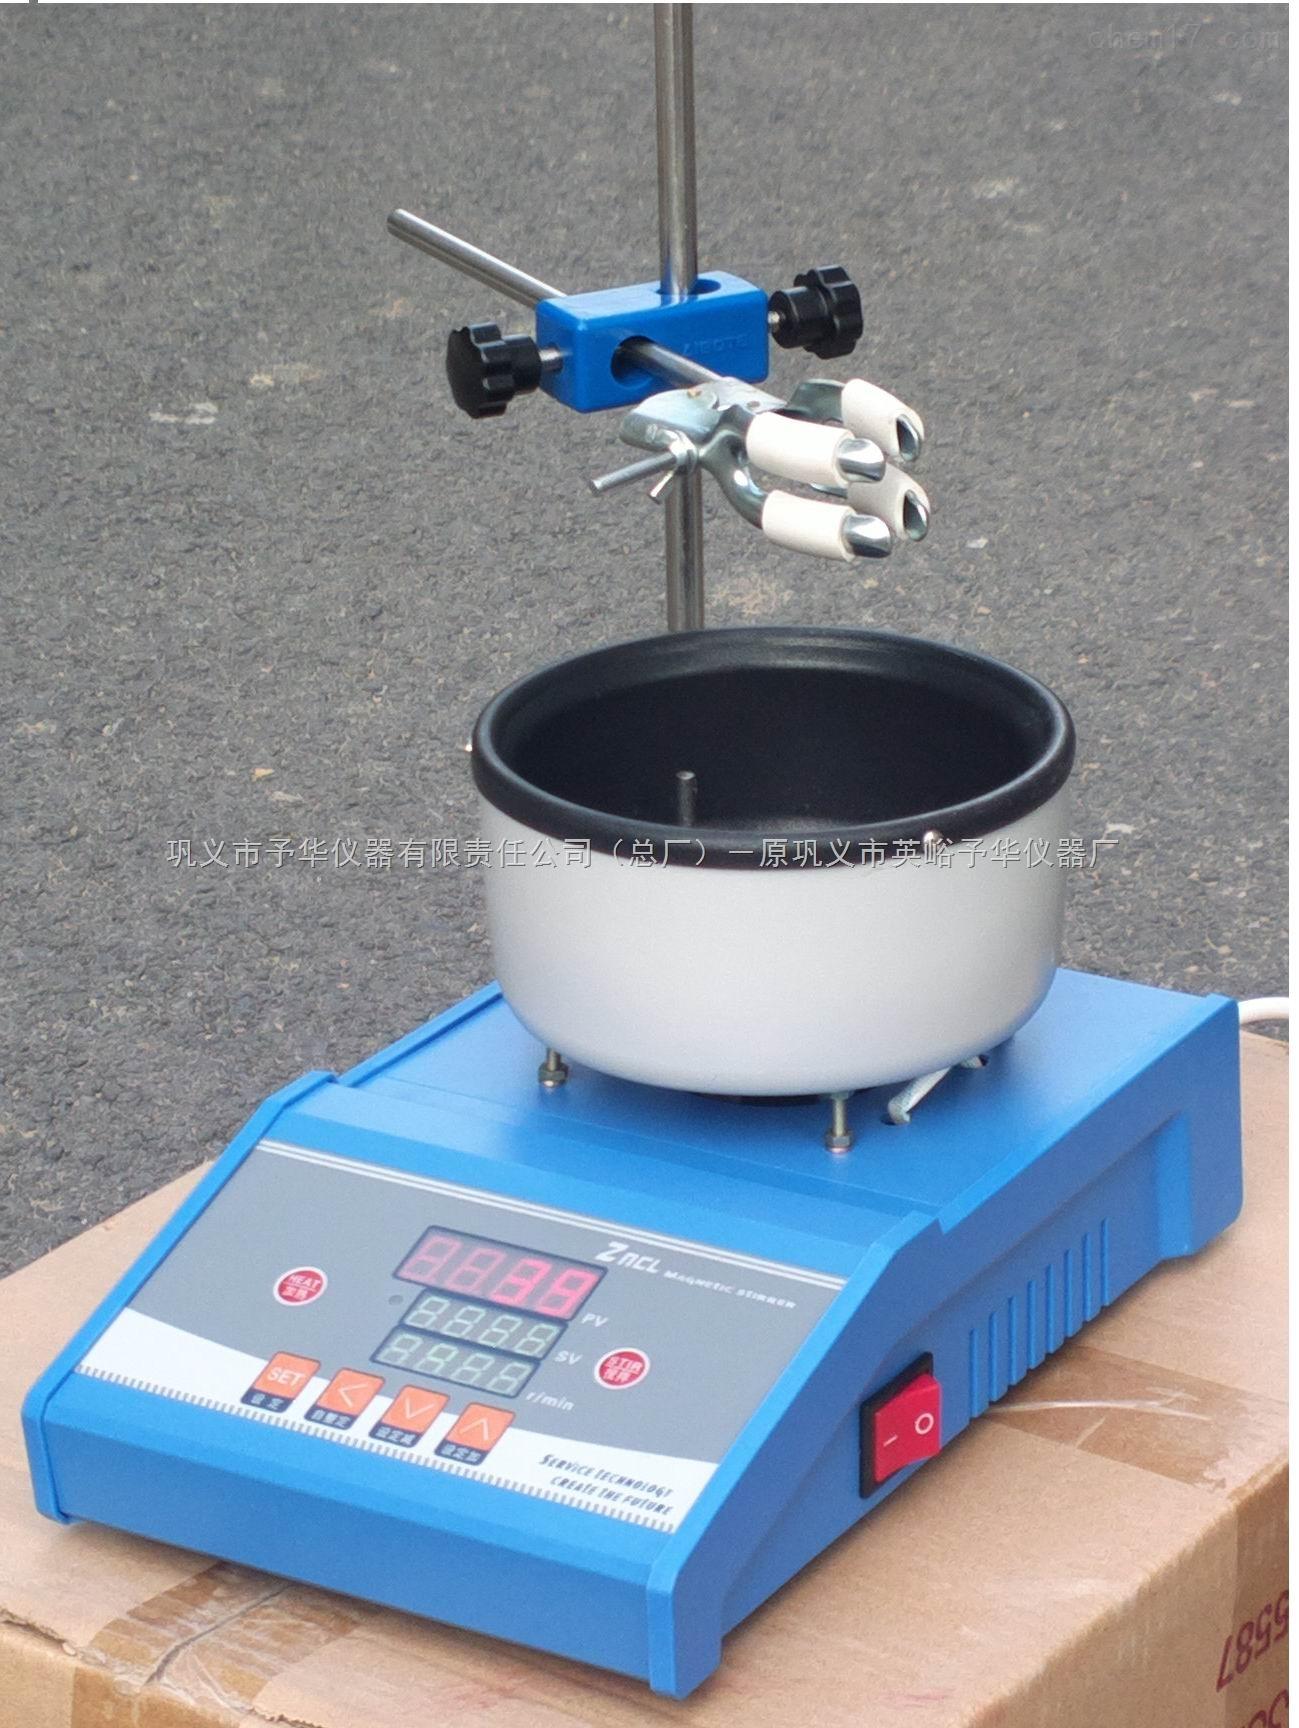 ZNCL-GS智能数显磁力搅拌加热锅-无极恒速+转速数显+扭矩大-巩义予华